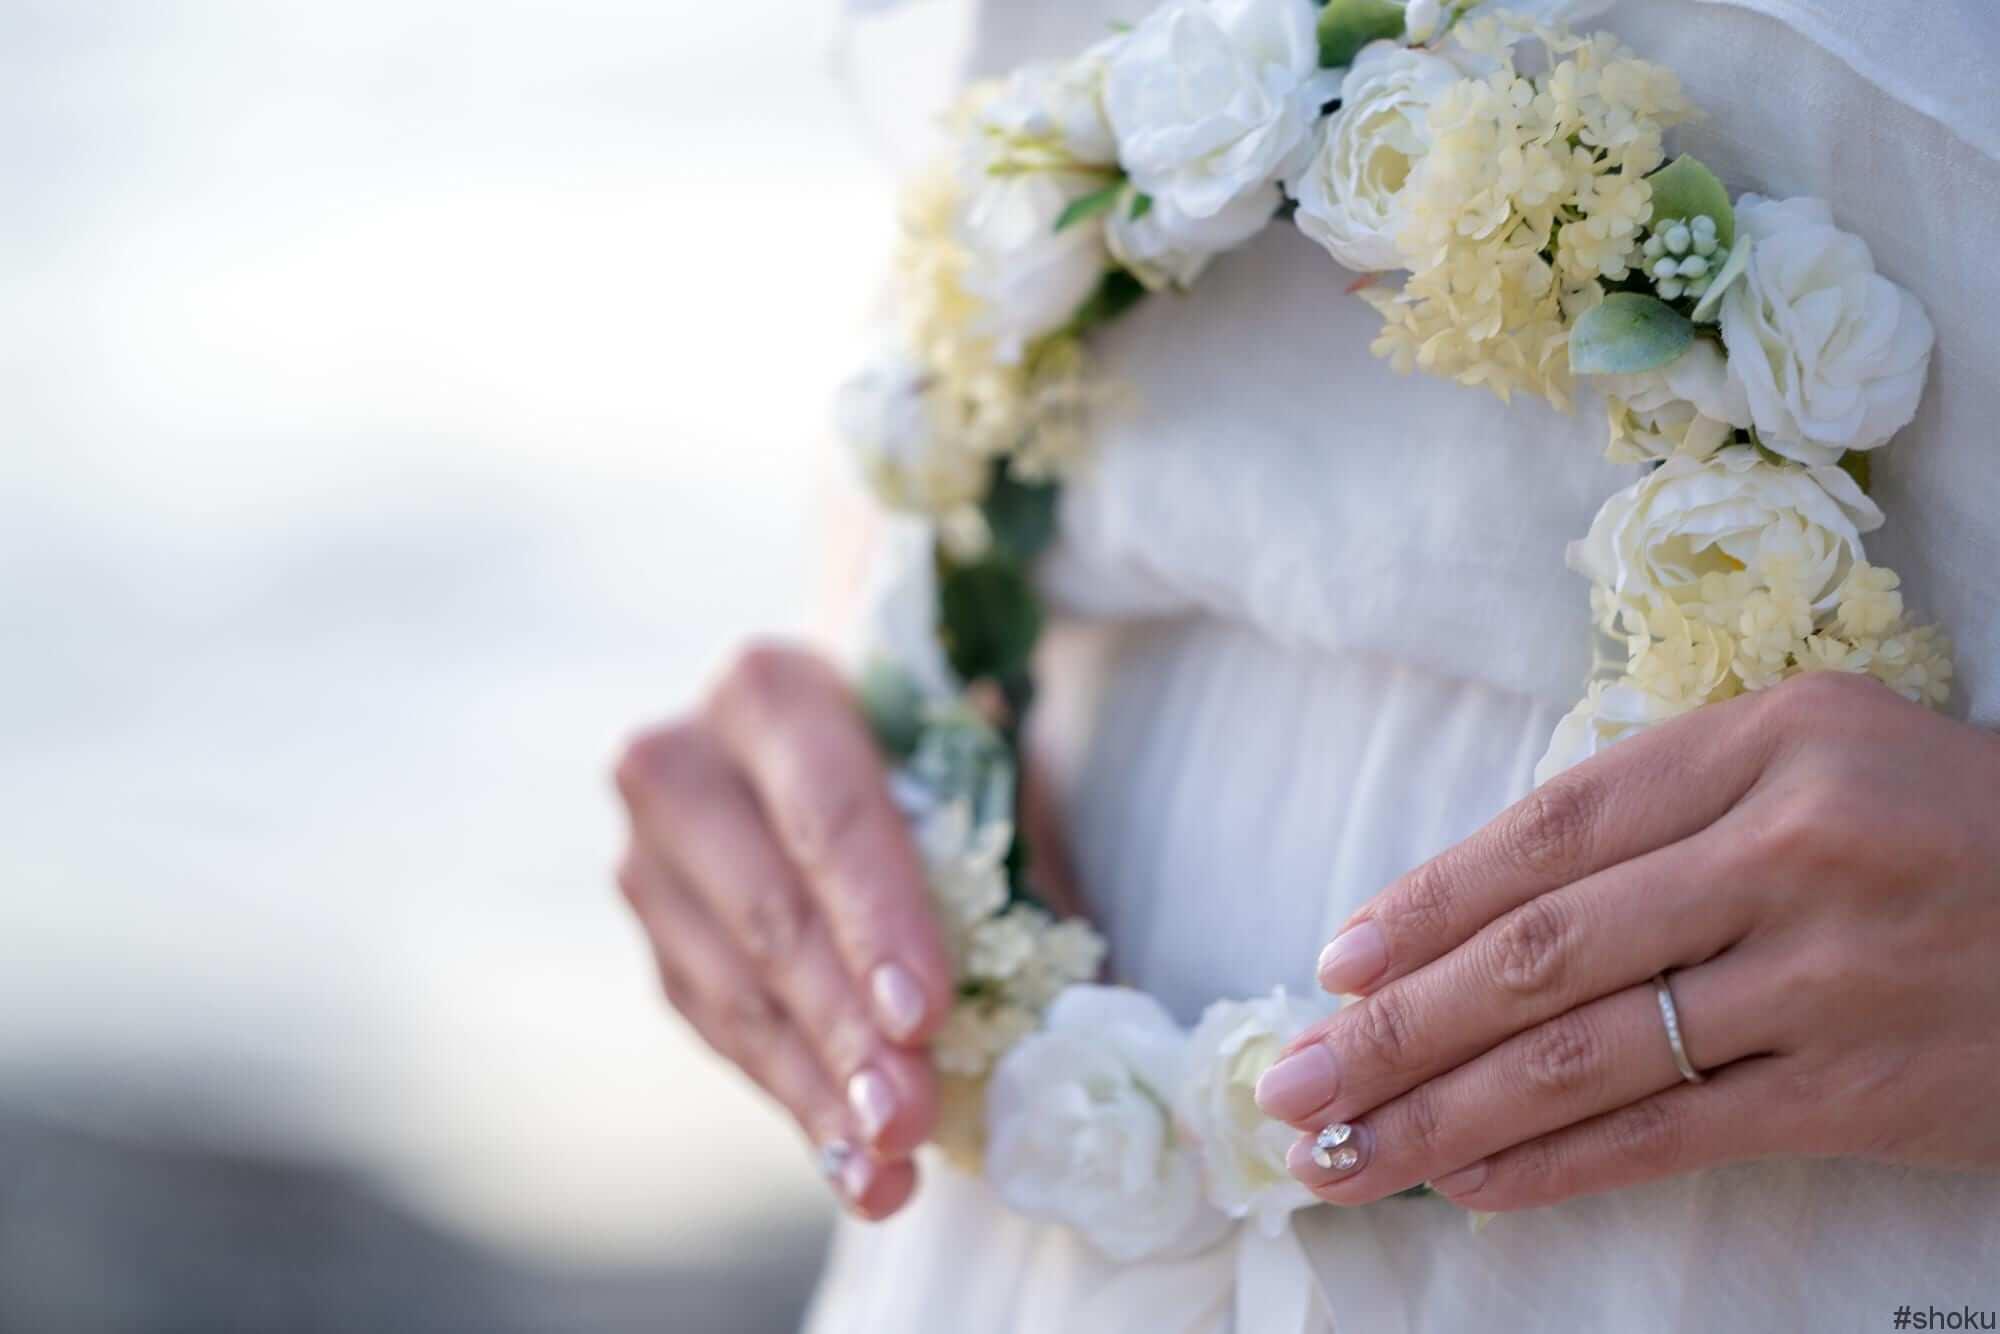 転職をするなら『結婚前・結婚後』どちらがおすすめ?